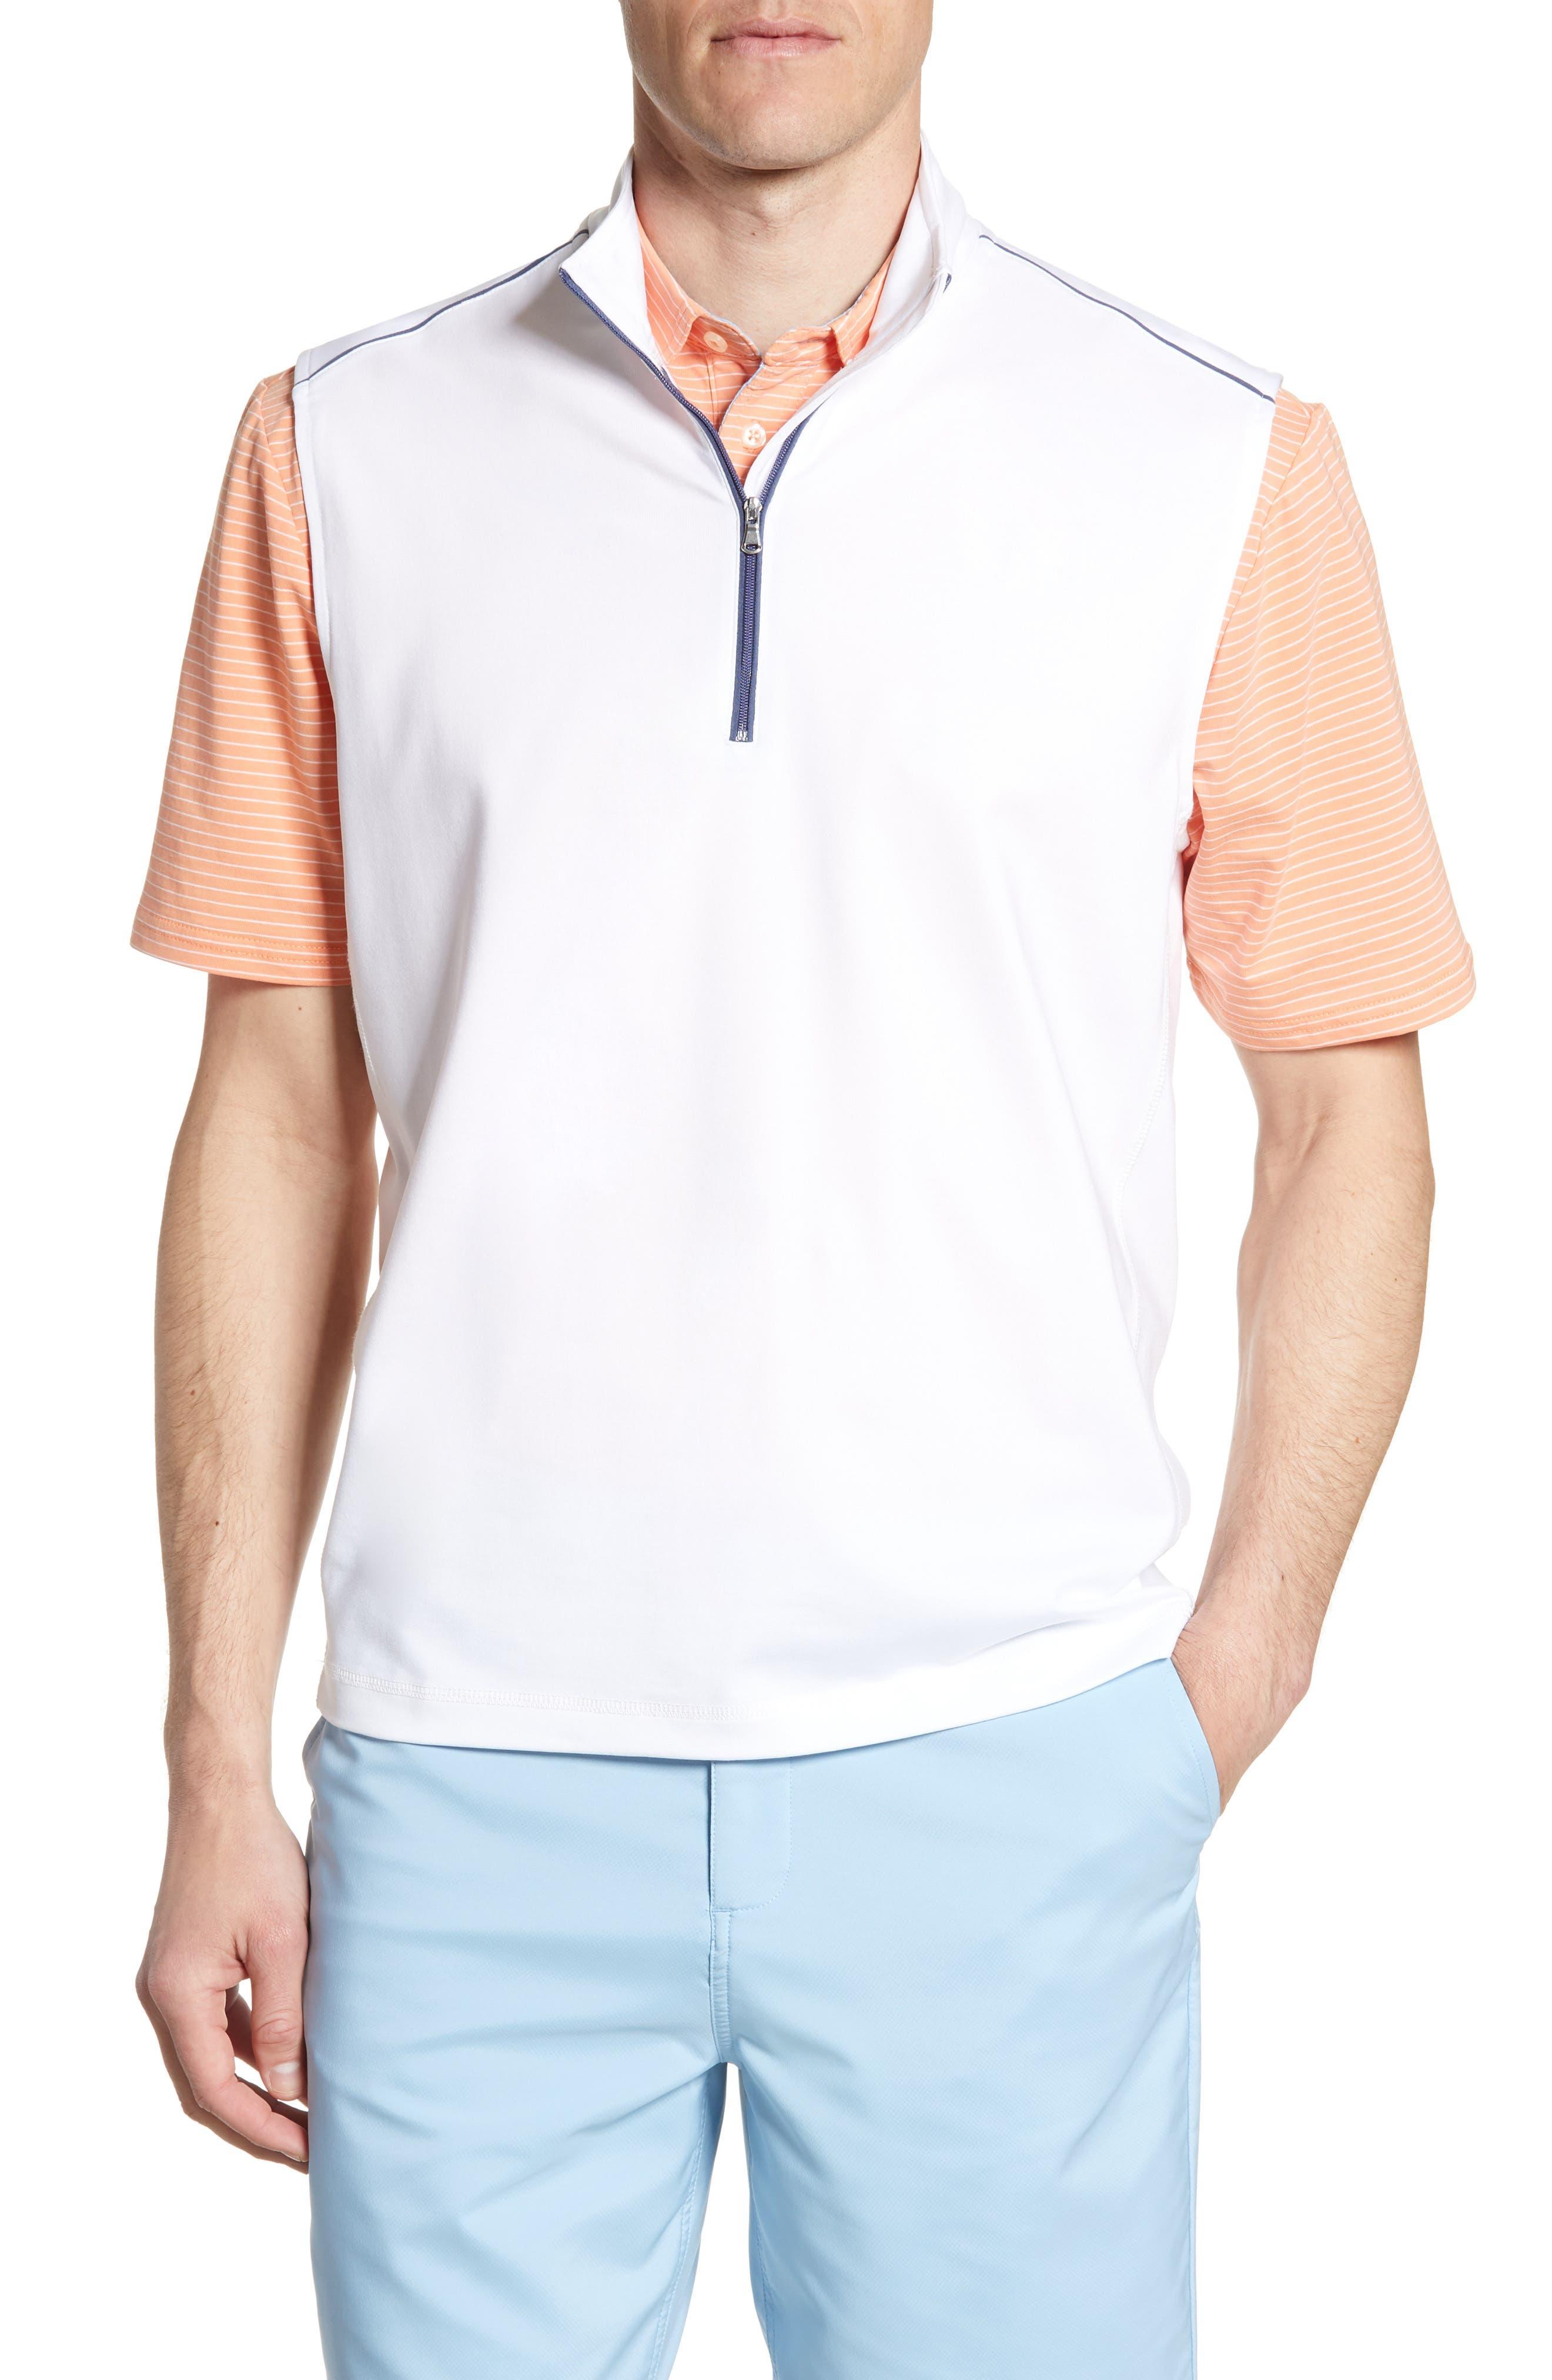 Johnnie-O Lammie Pullover Vest, White